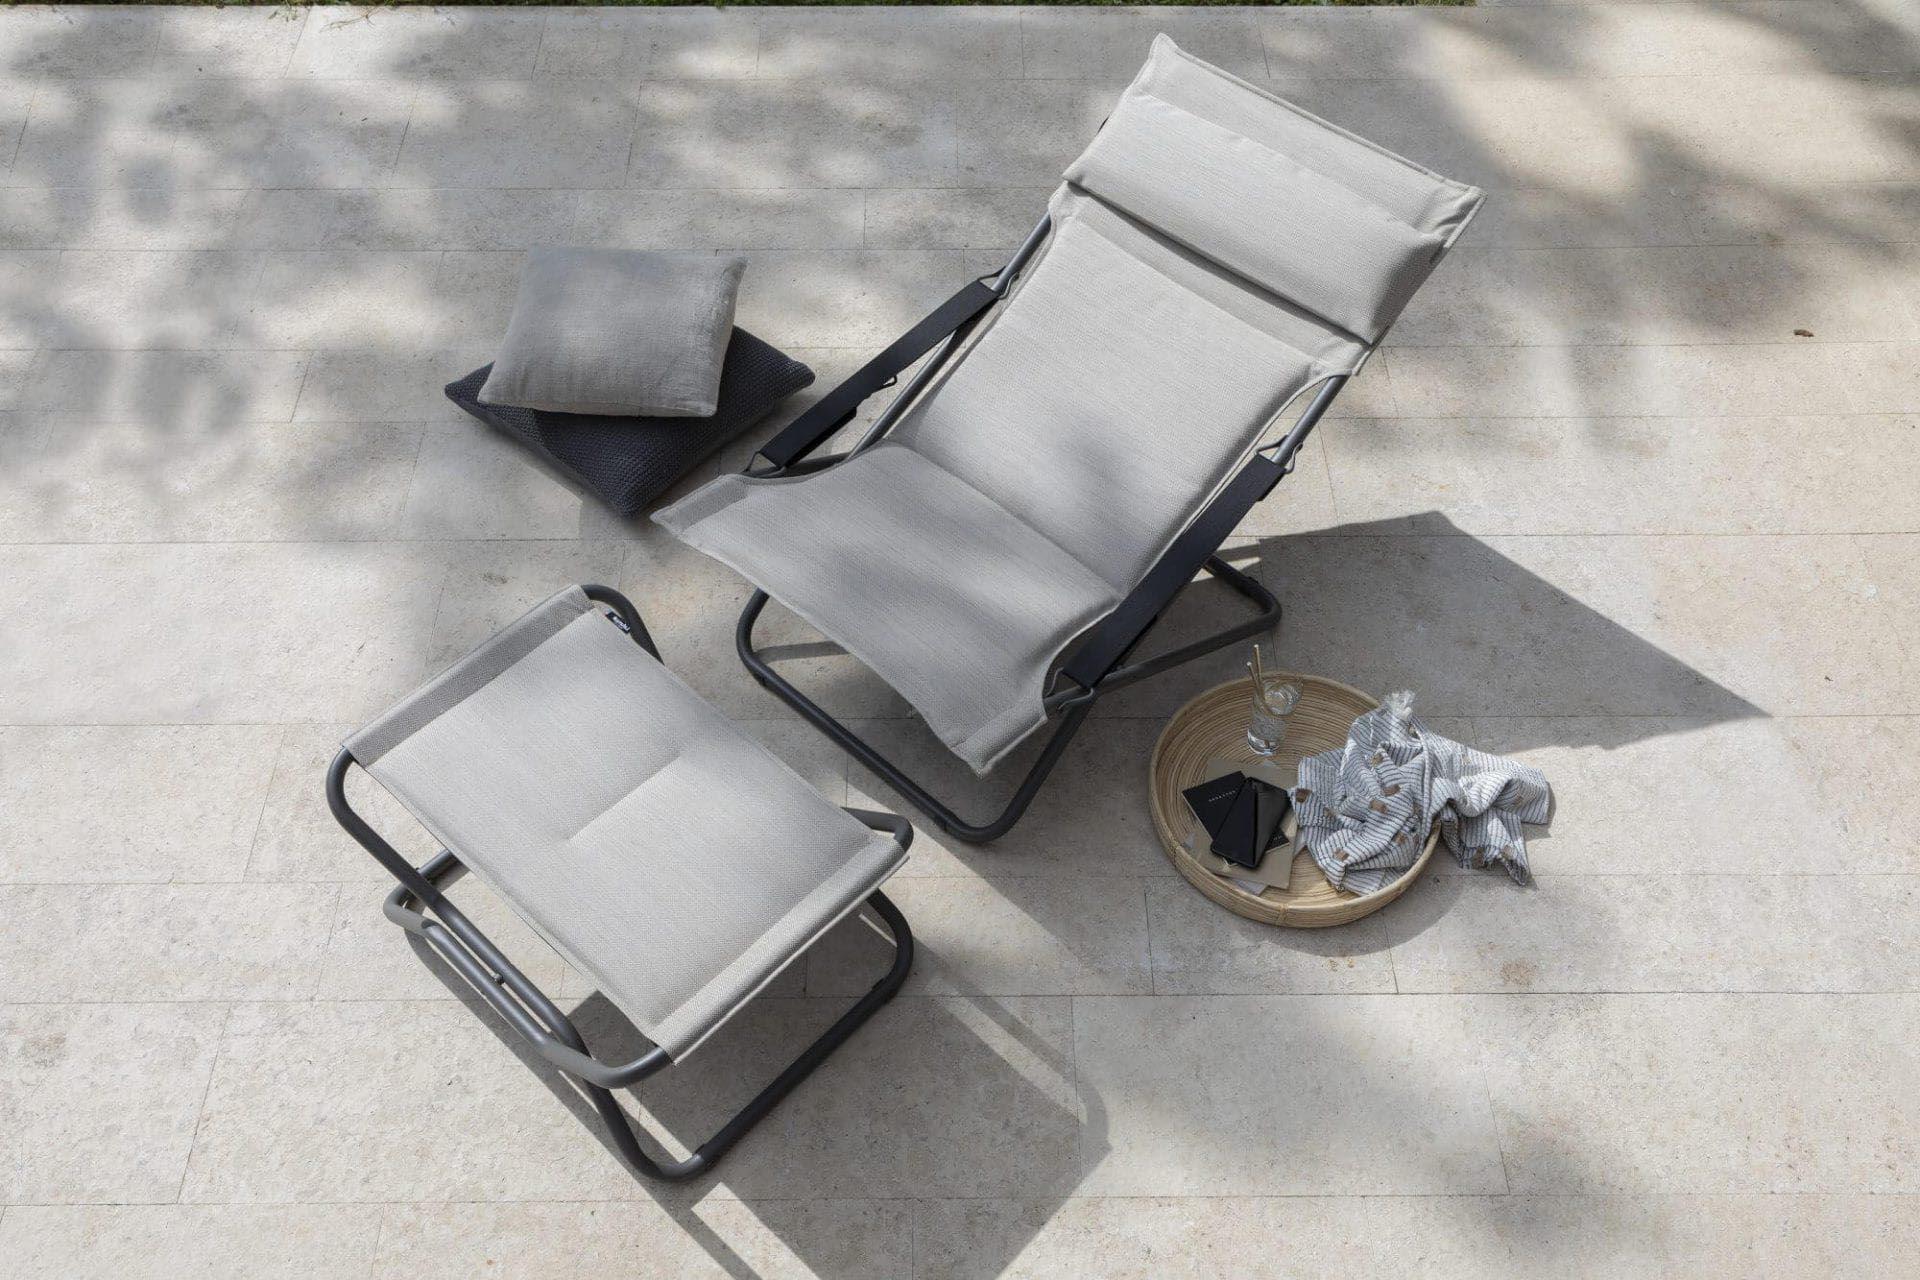 Transabed-et-next_a9a1218_lafuma-mobilier-2019-speilvendt Hagemøbler og utemøbler - Fine design